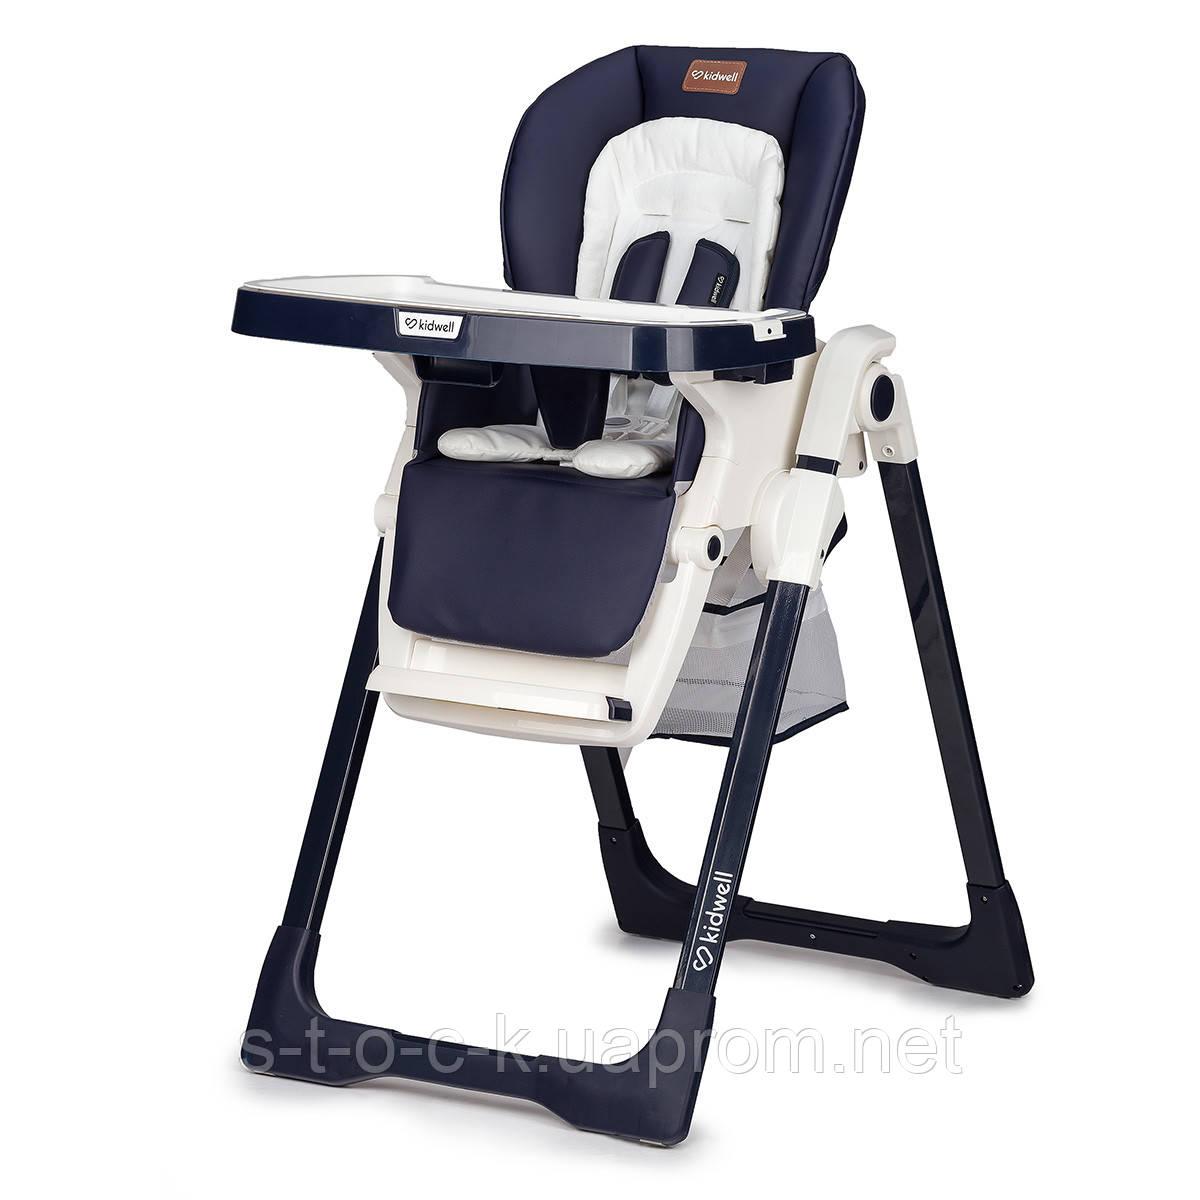 Дитяче крісло для годування KIDWELL PRIME від 6-36 місяців